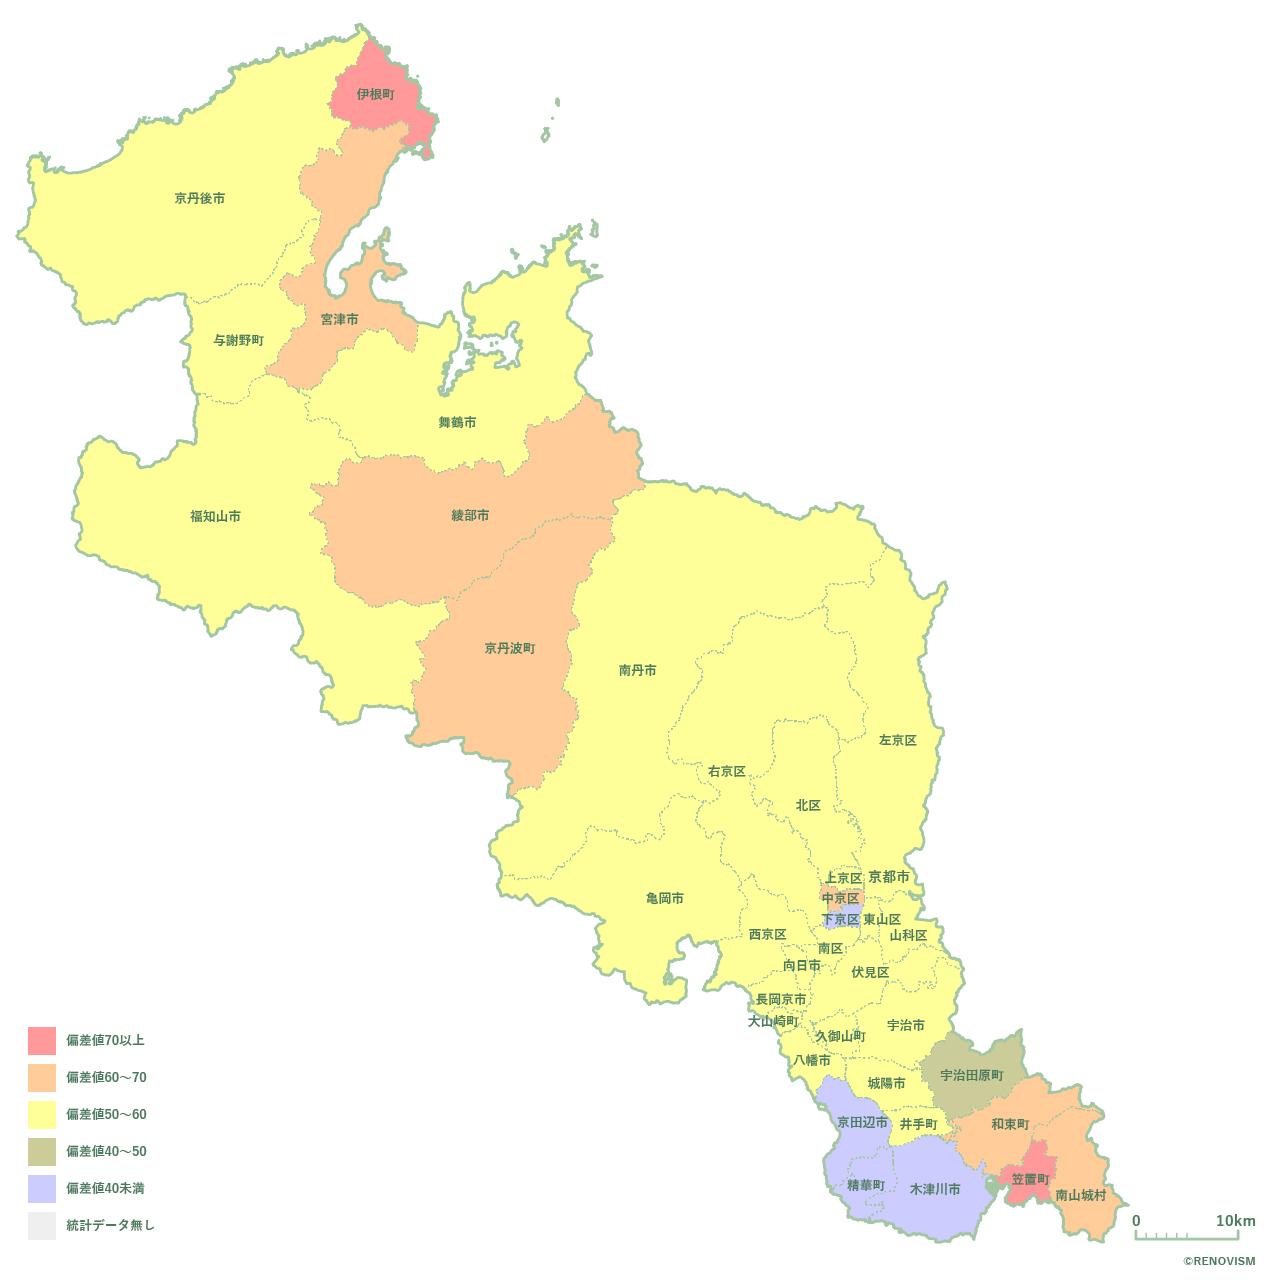 36地域別【高齢化率マップ】京都府編 2020年